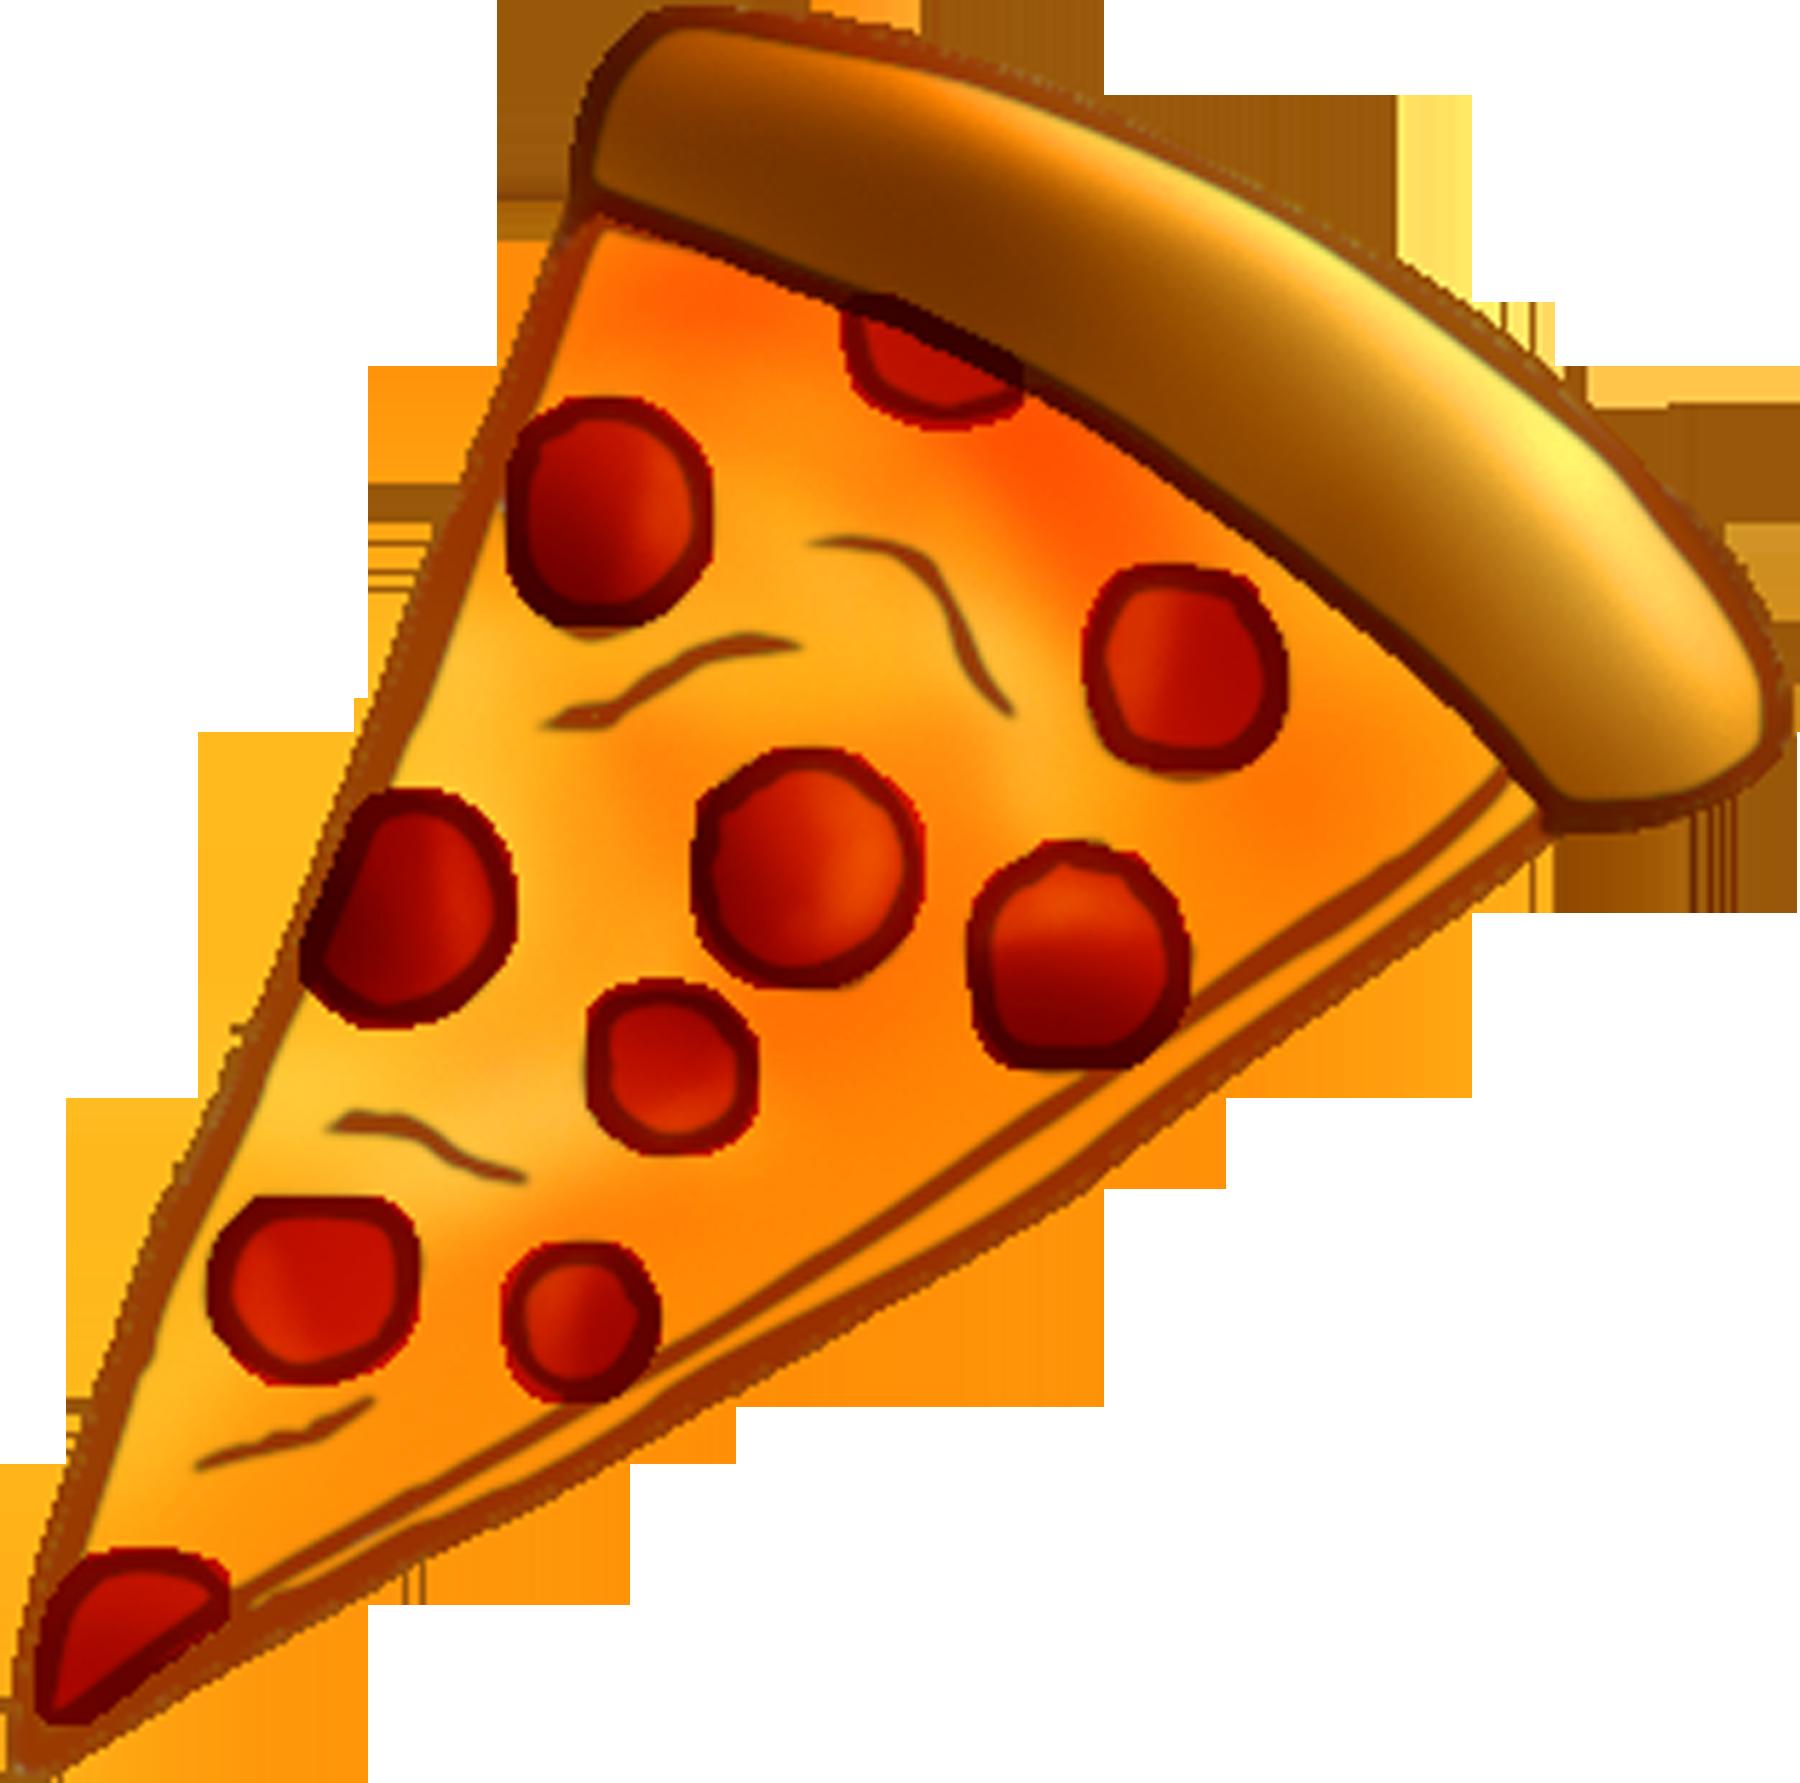 Pizza clipart Pizza Free Clip pizza%20clipart Clipart